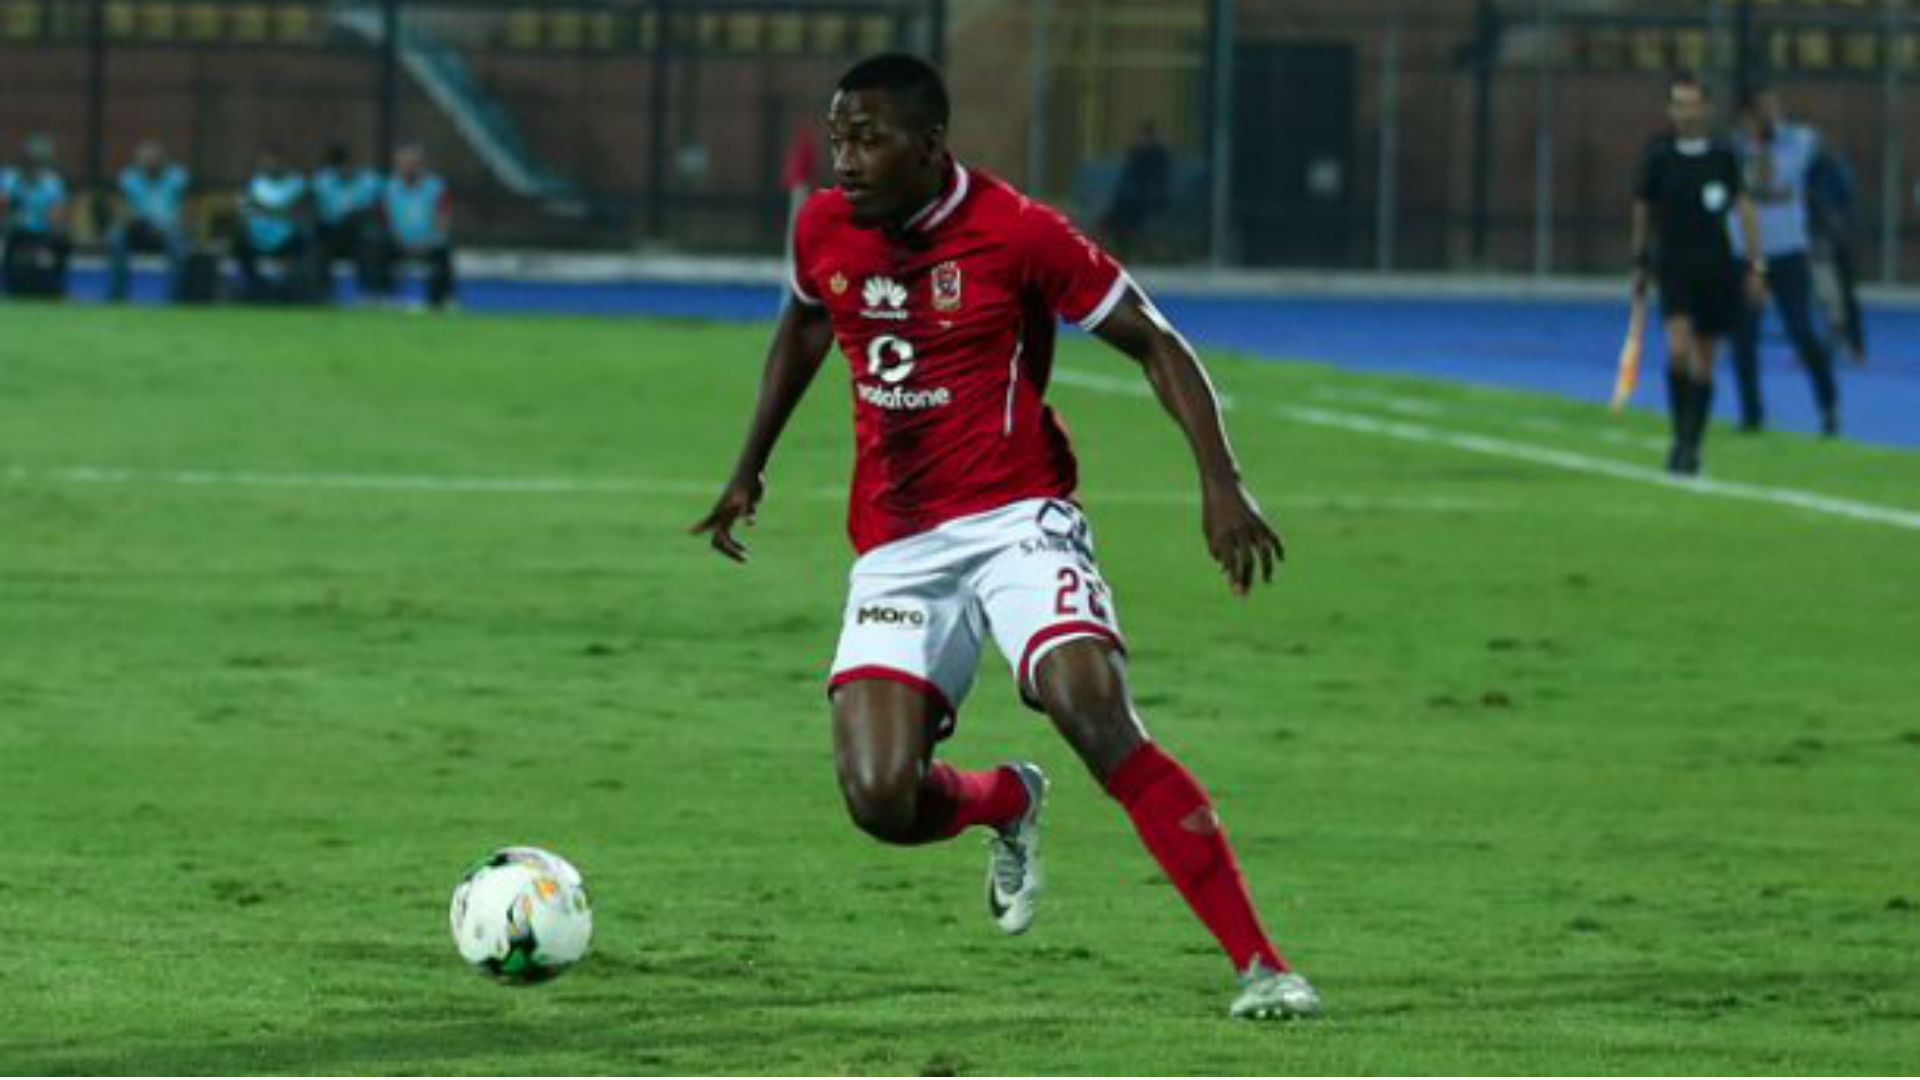 Coronavirus: Egyptian football suspended amid coronavirus fears